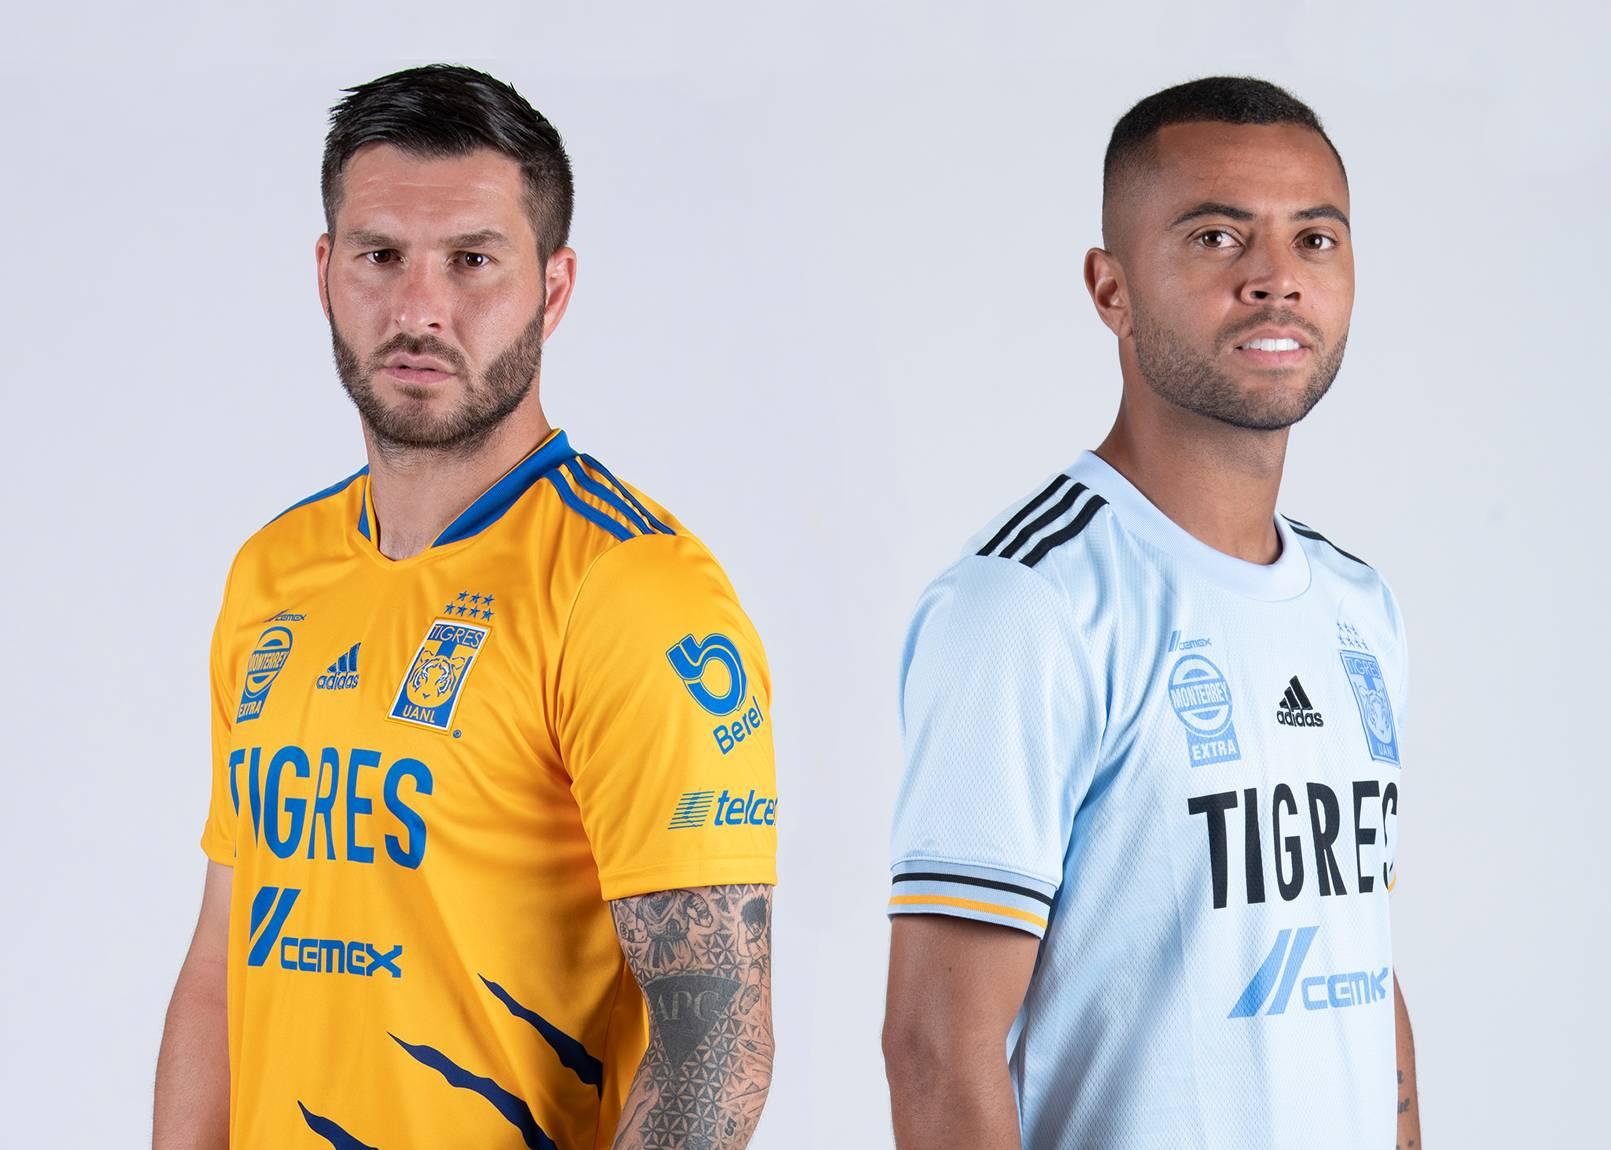 Camisetas adidas de los Tigres de la UANL 2021/22